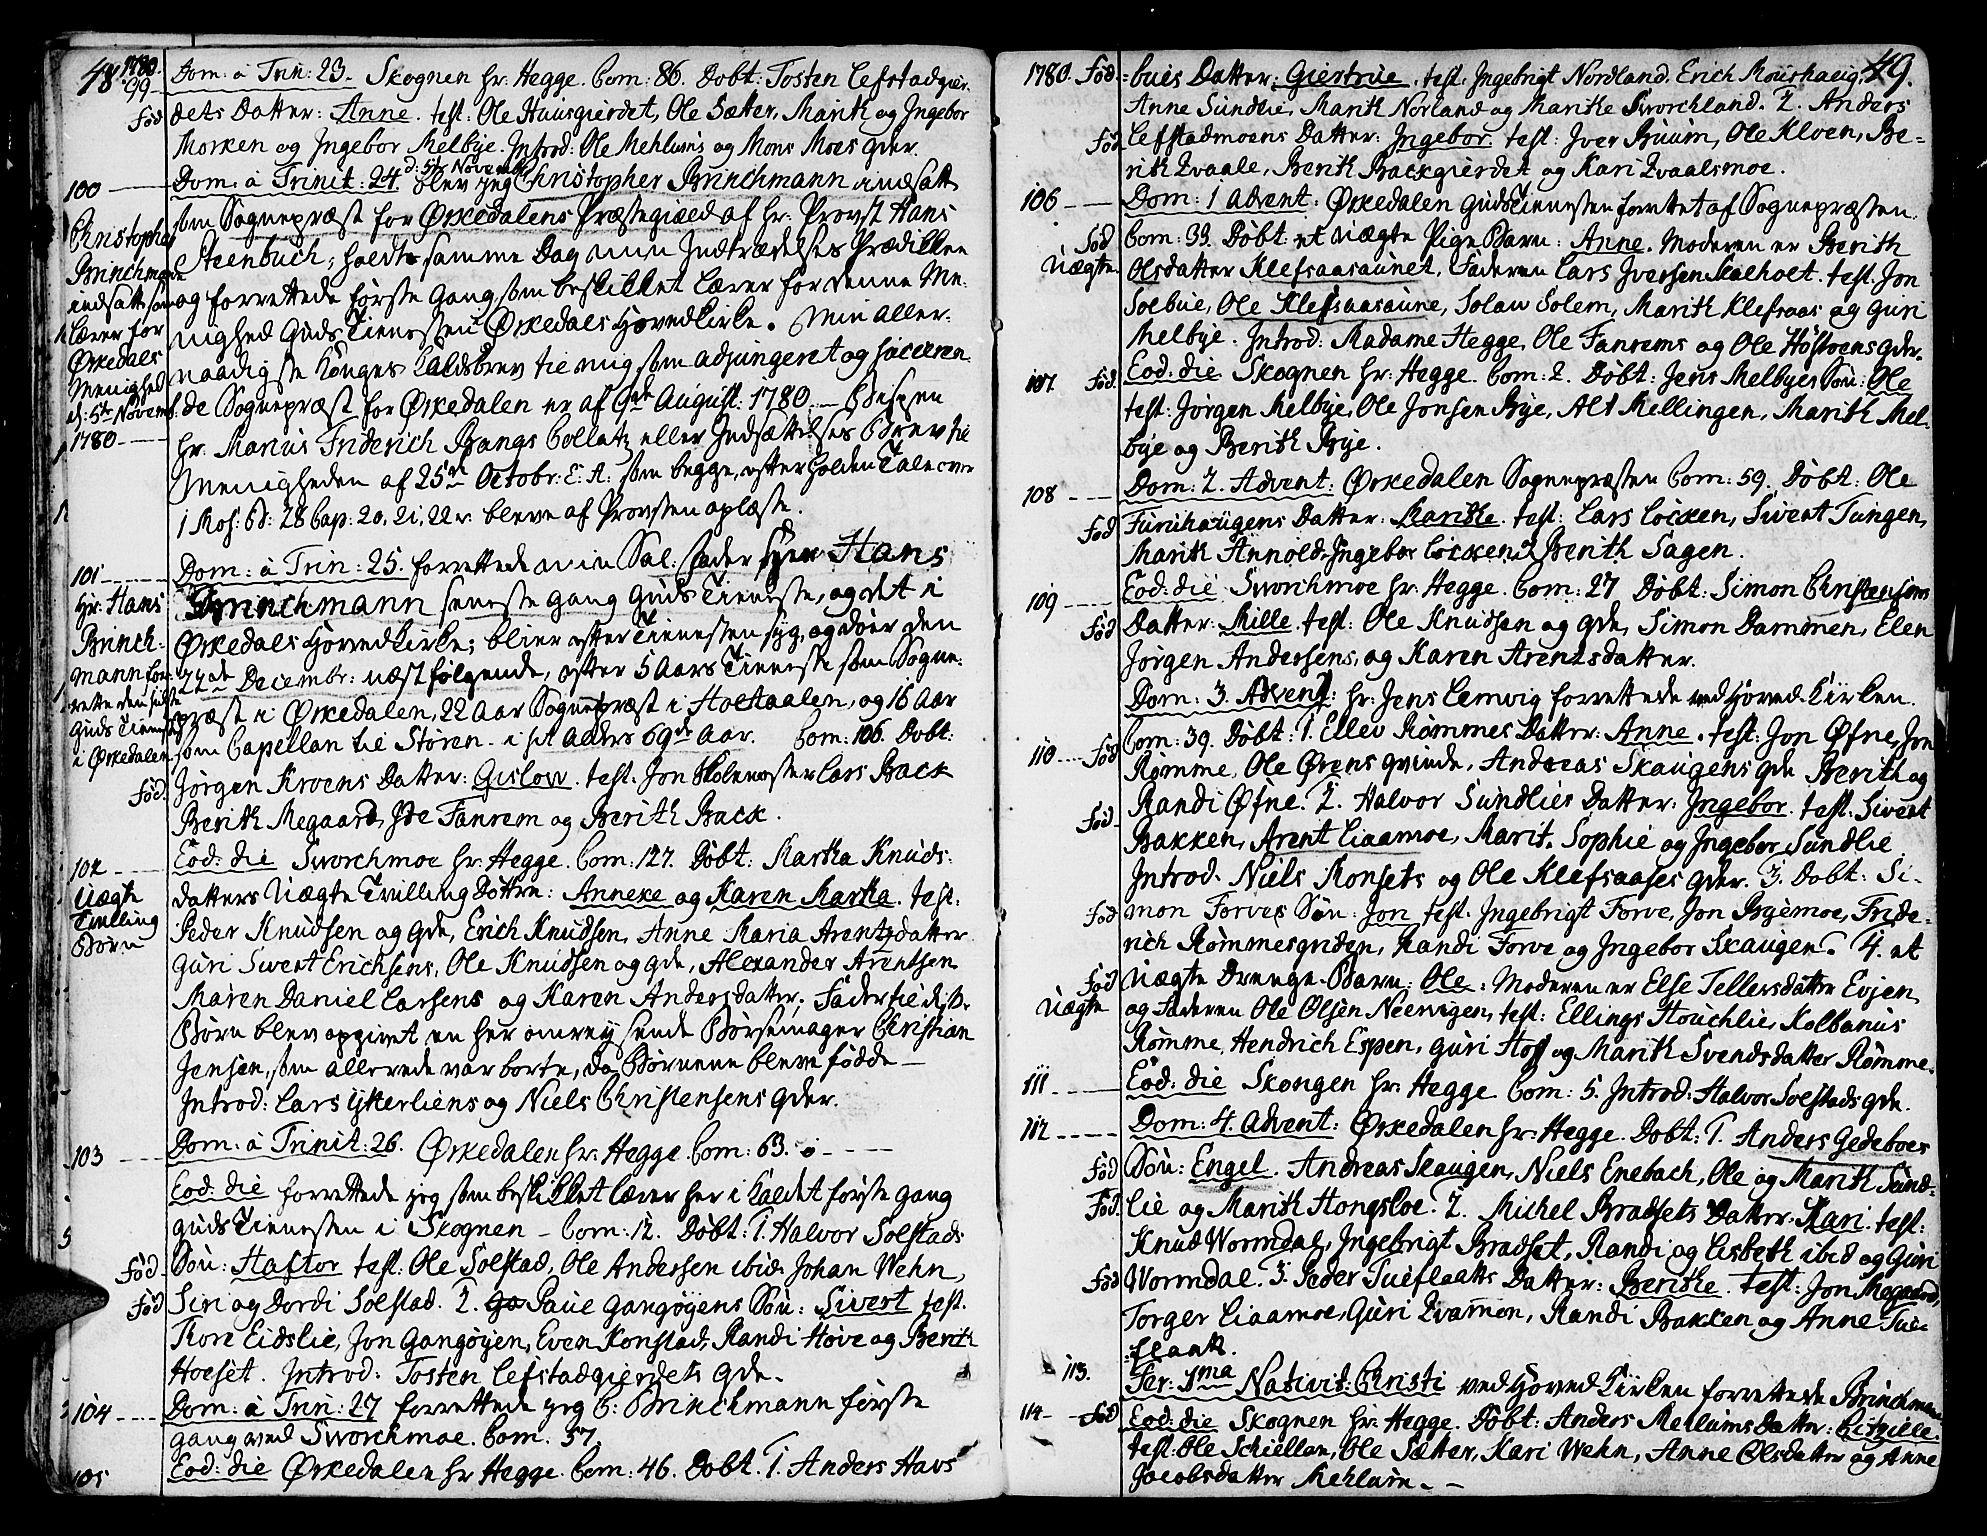 SAT, Ministerialprotokoller, klokkerbøker og fødselsregistre - Sør-Trøndelag, 668/L0802: Ministerialbok nr. 668A02, 1776-1799, s. 48-49